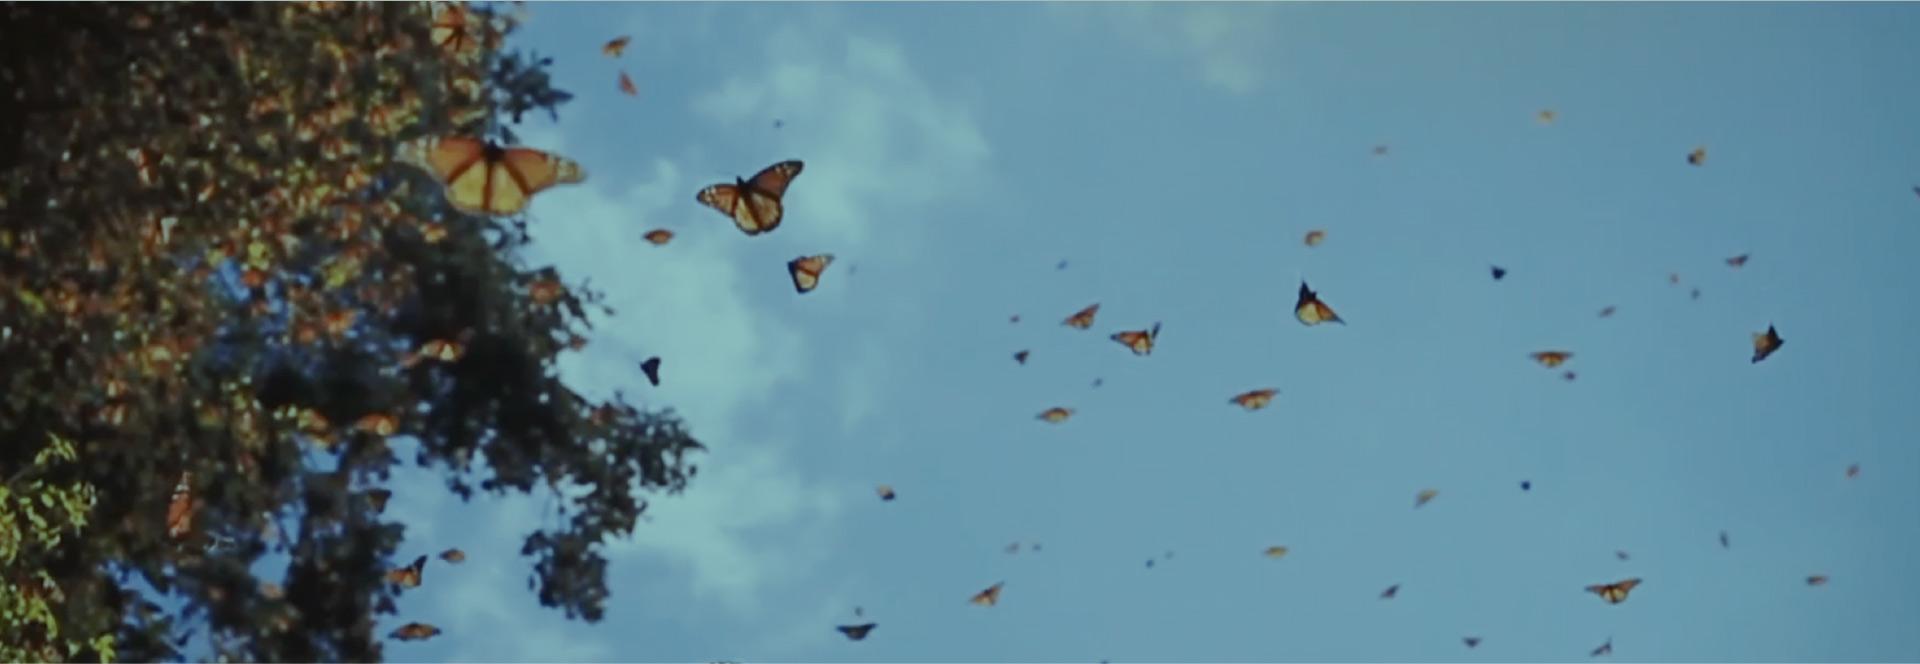 La Mariposa Monarca, una especie que merece un santuario